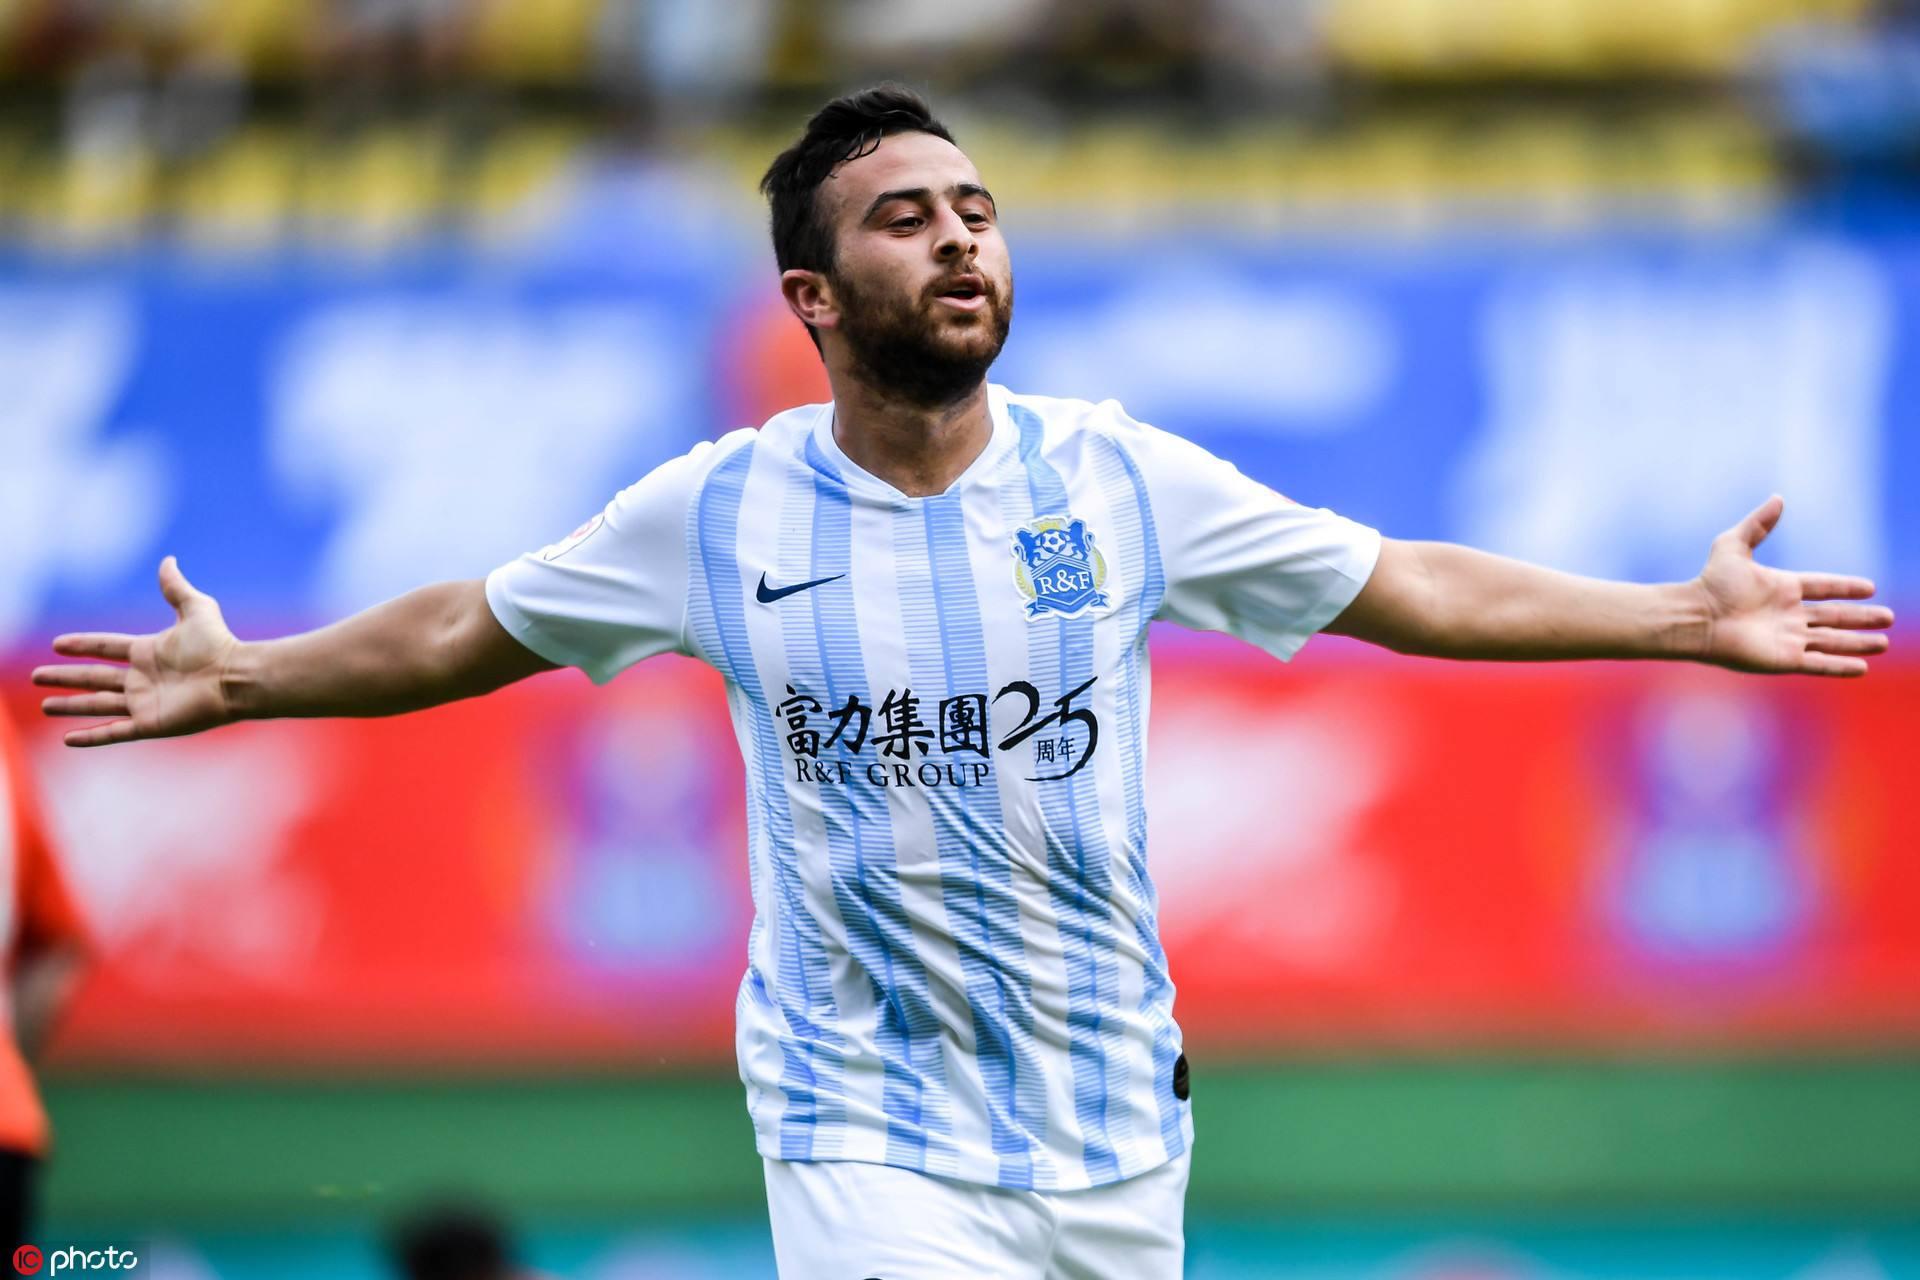 德转:萨巴从富力转会加盟迪拜胜利转会费为258万欧元